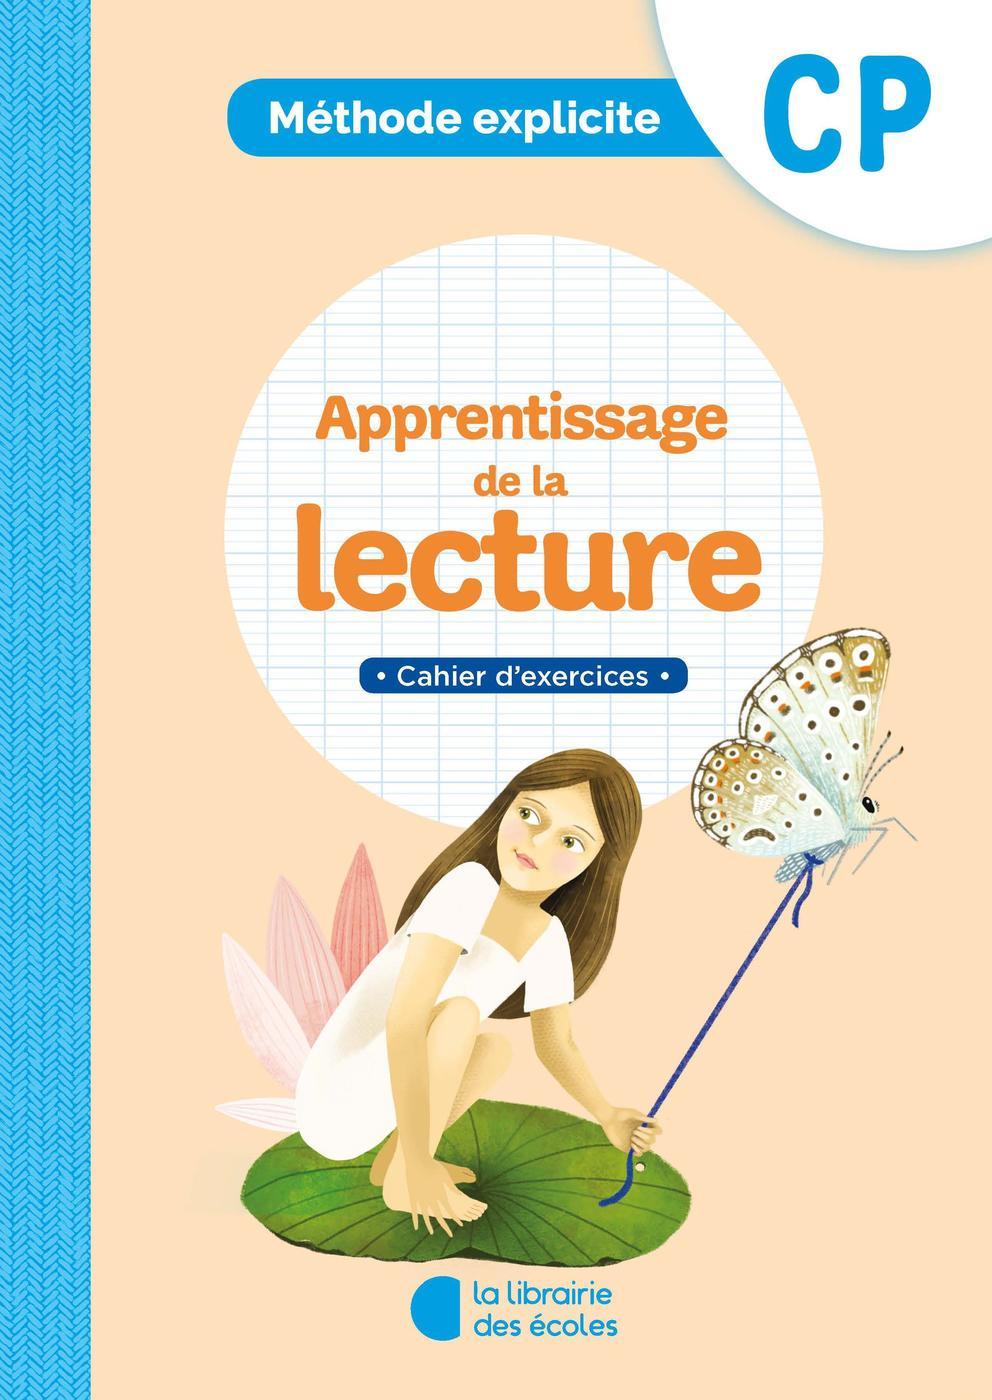 Méthode explicite lecture cp   cahier d'exercices   Librairie Eyrolles